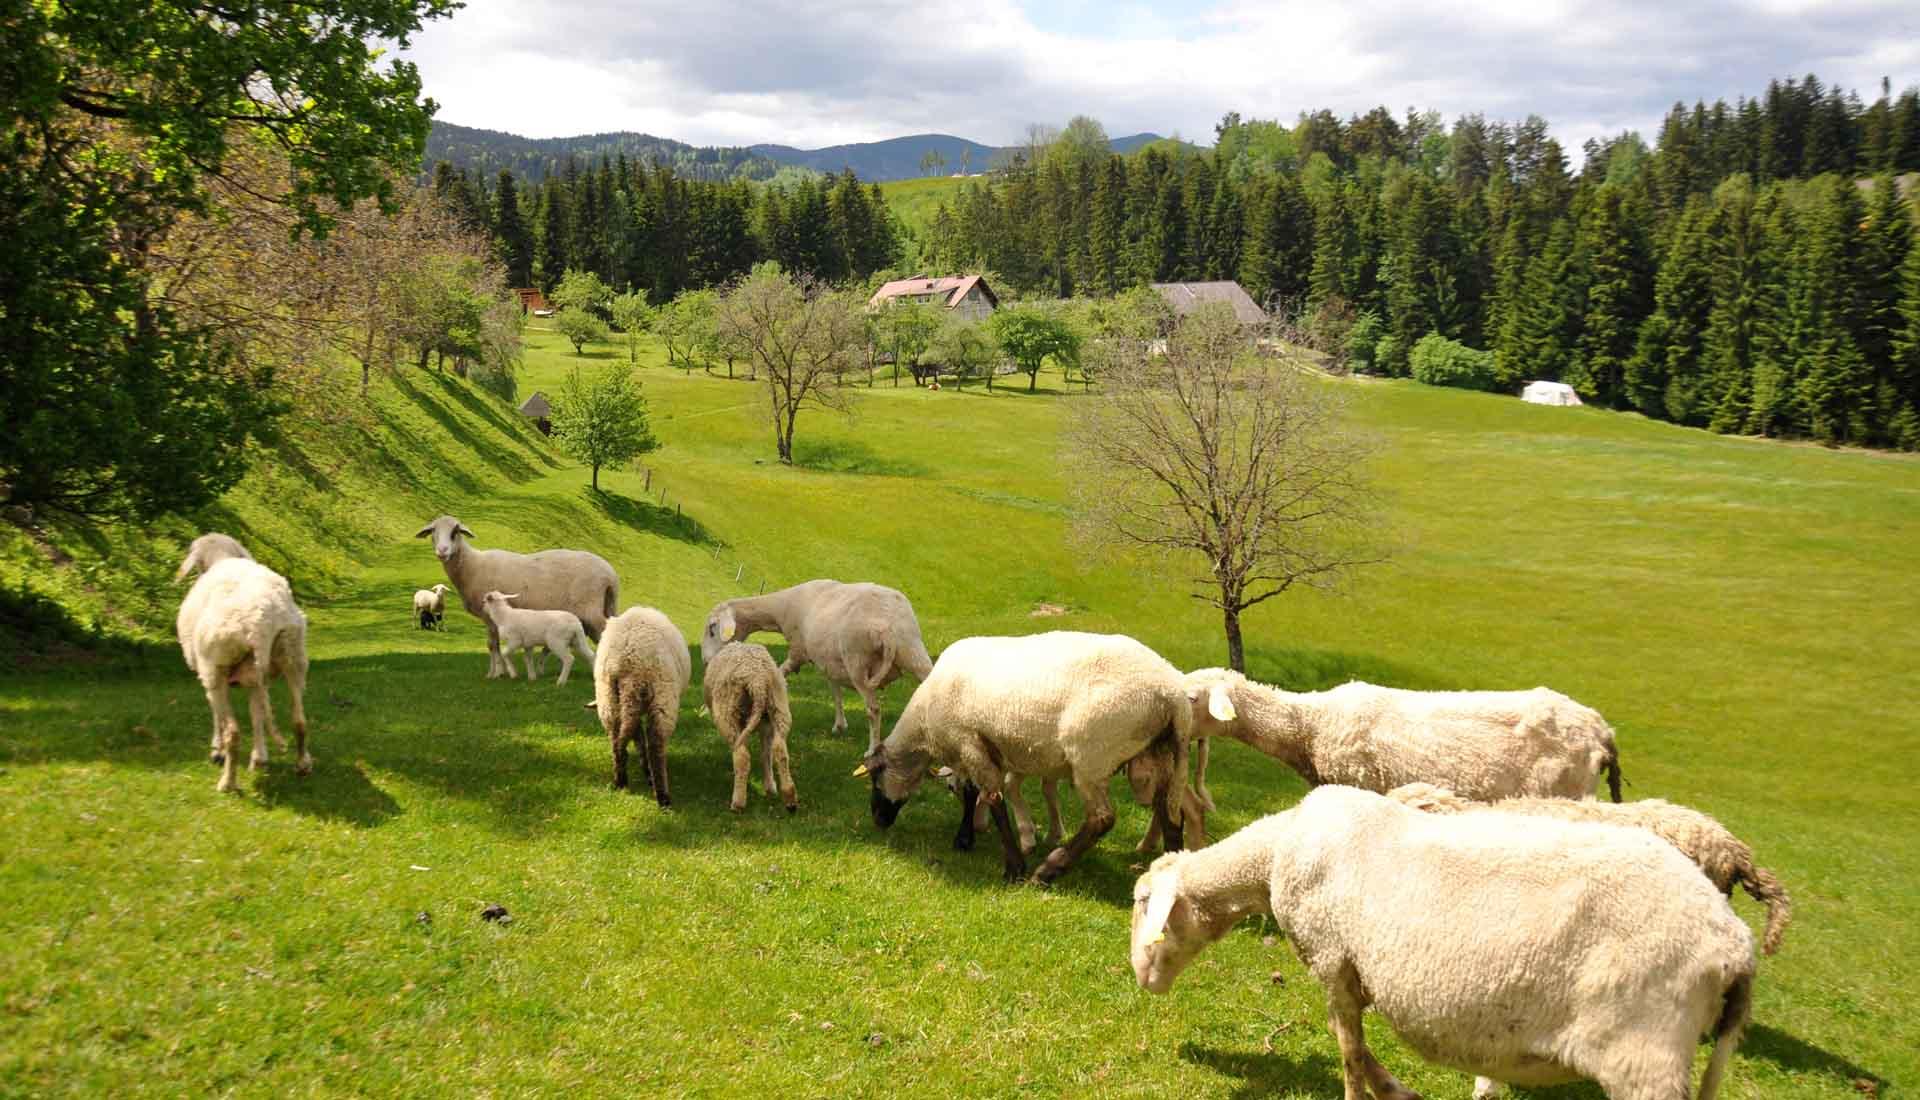 allevamento di pecore in slovenia nella regione della koroska